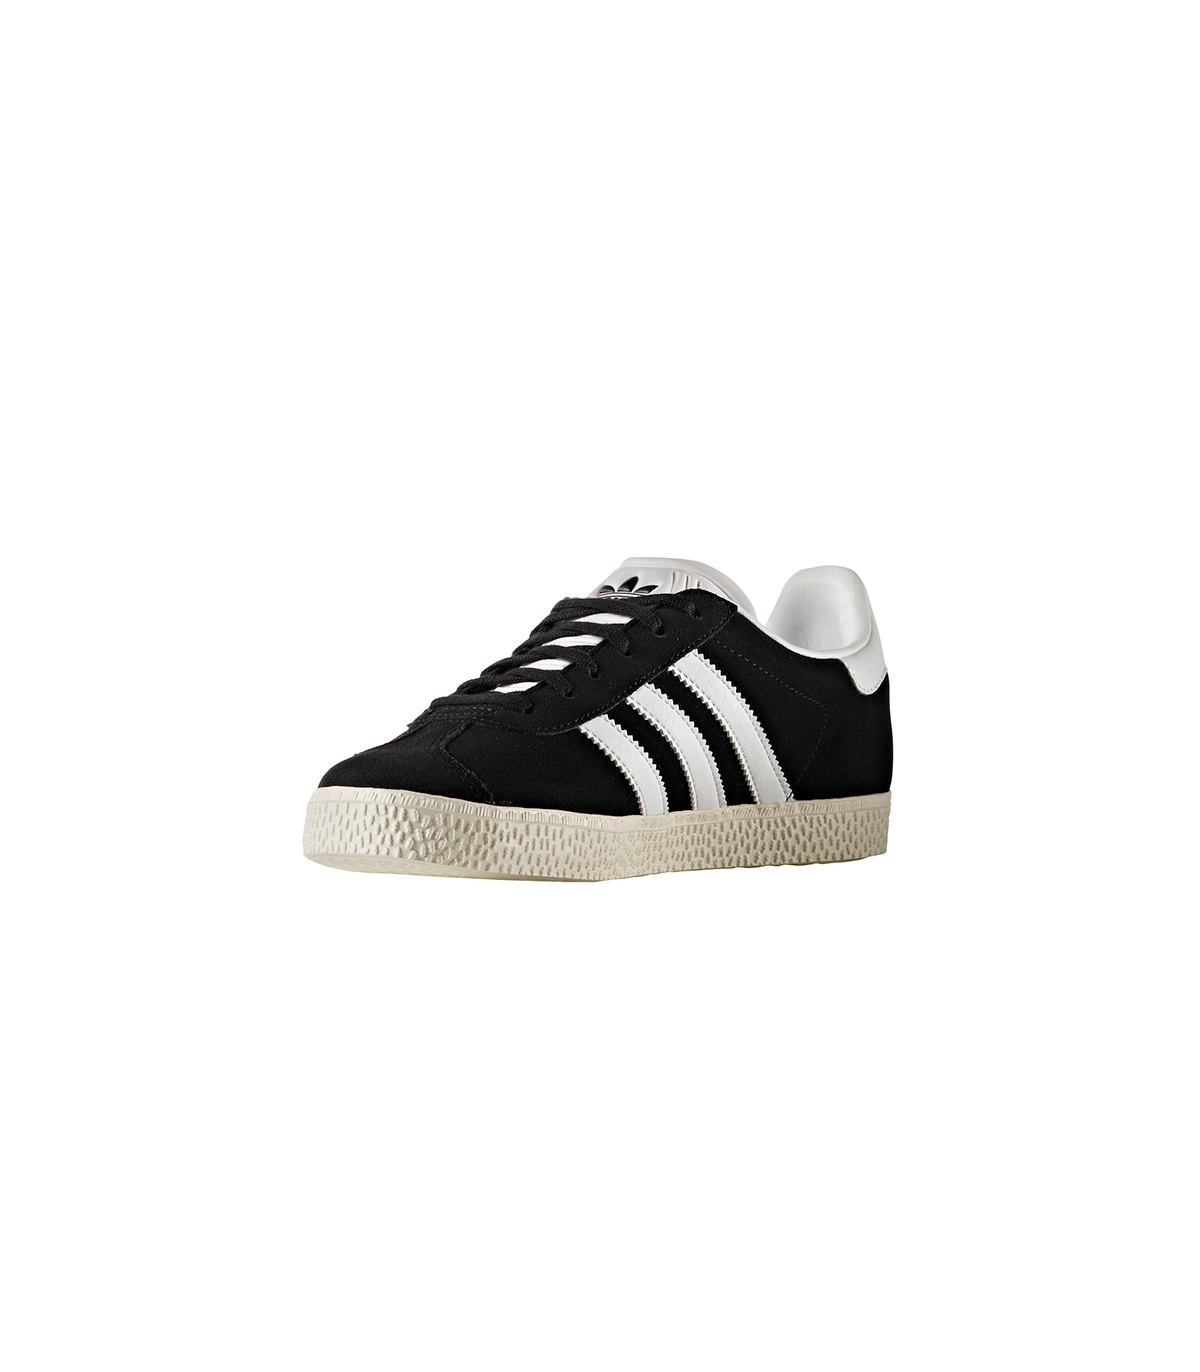 dd122bd32 Comprar Adidas Gazelle J Negro | Adidas